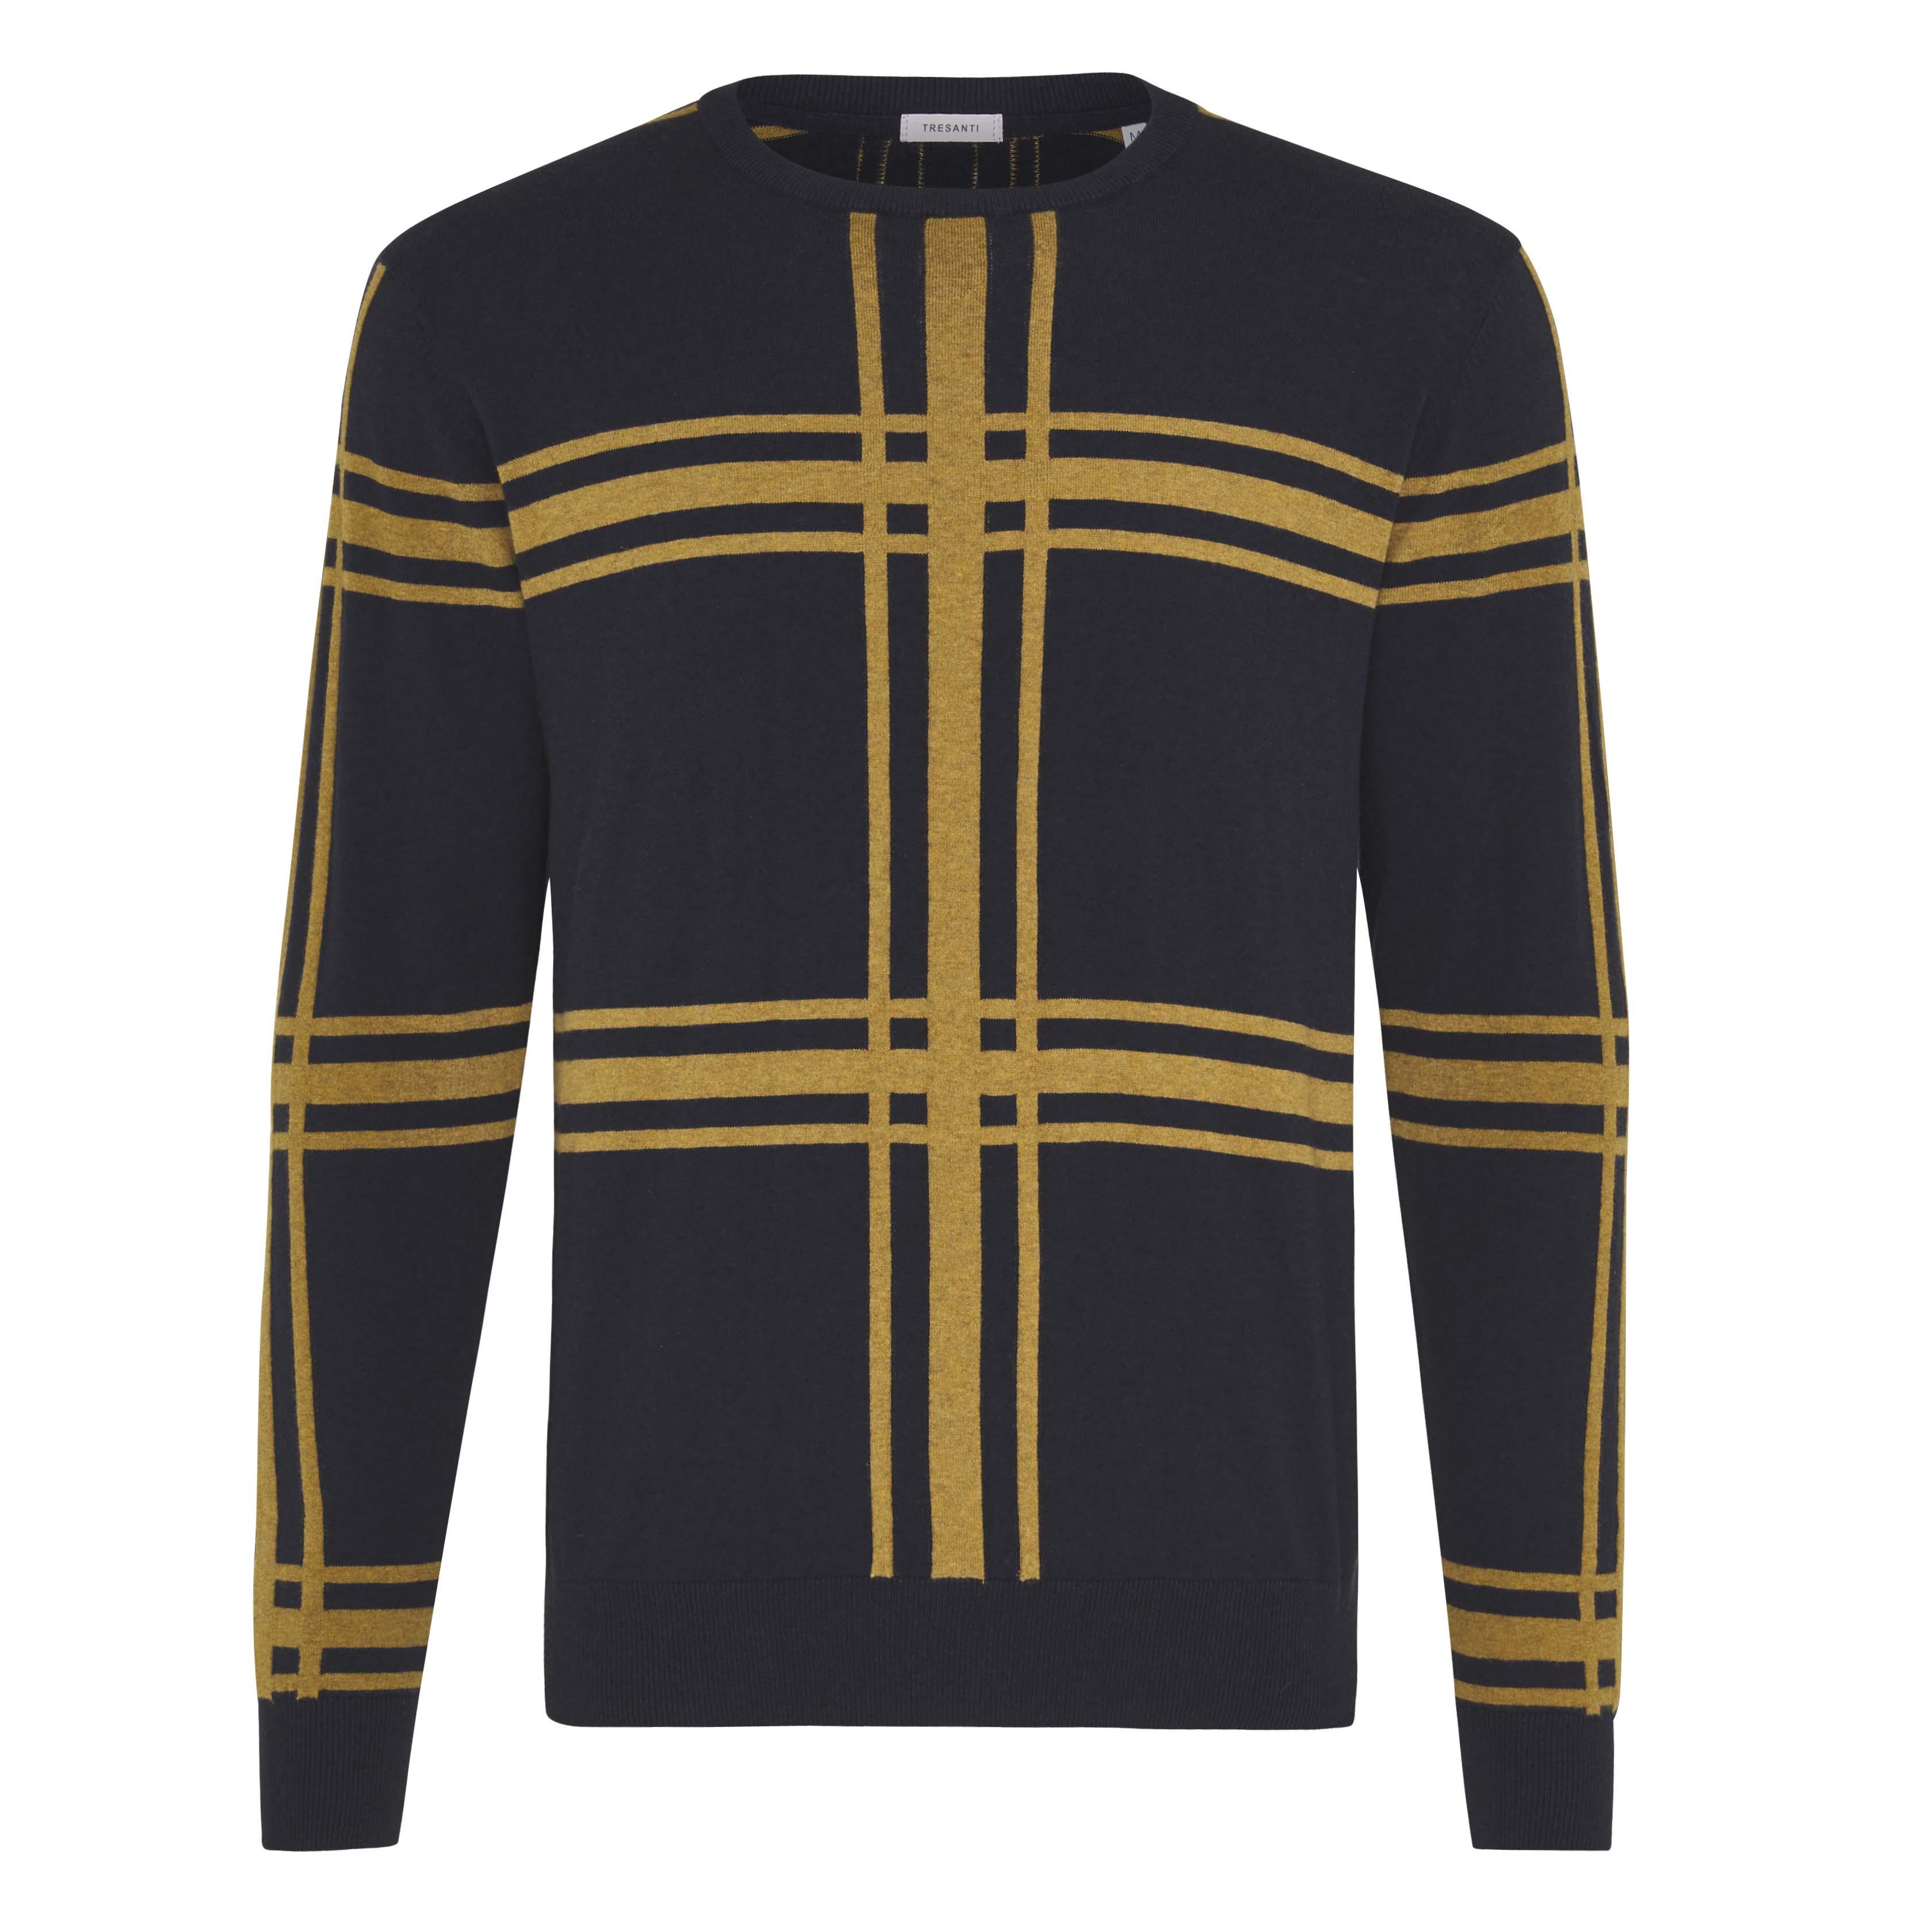 Jorik | Pullover check ocher yellow